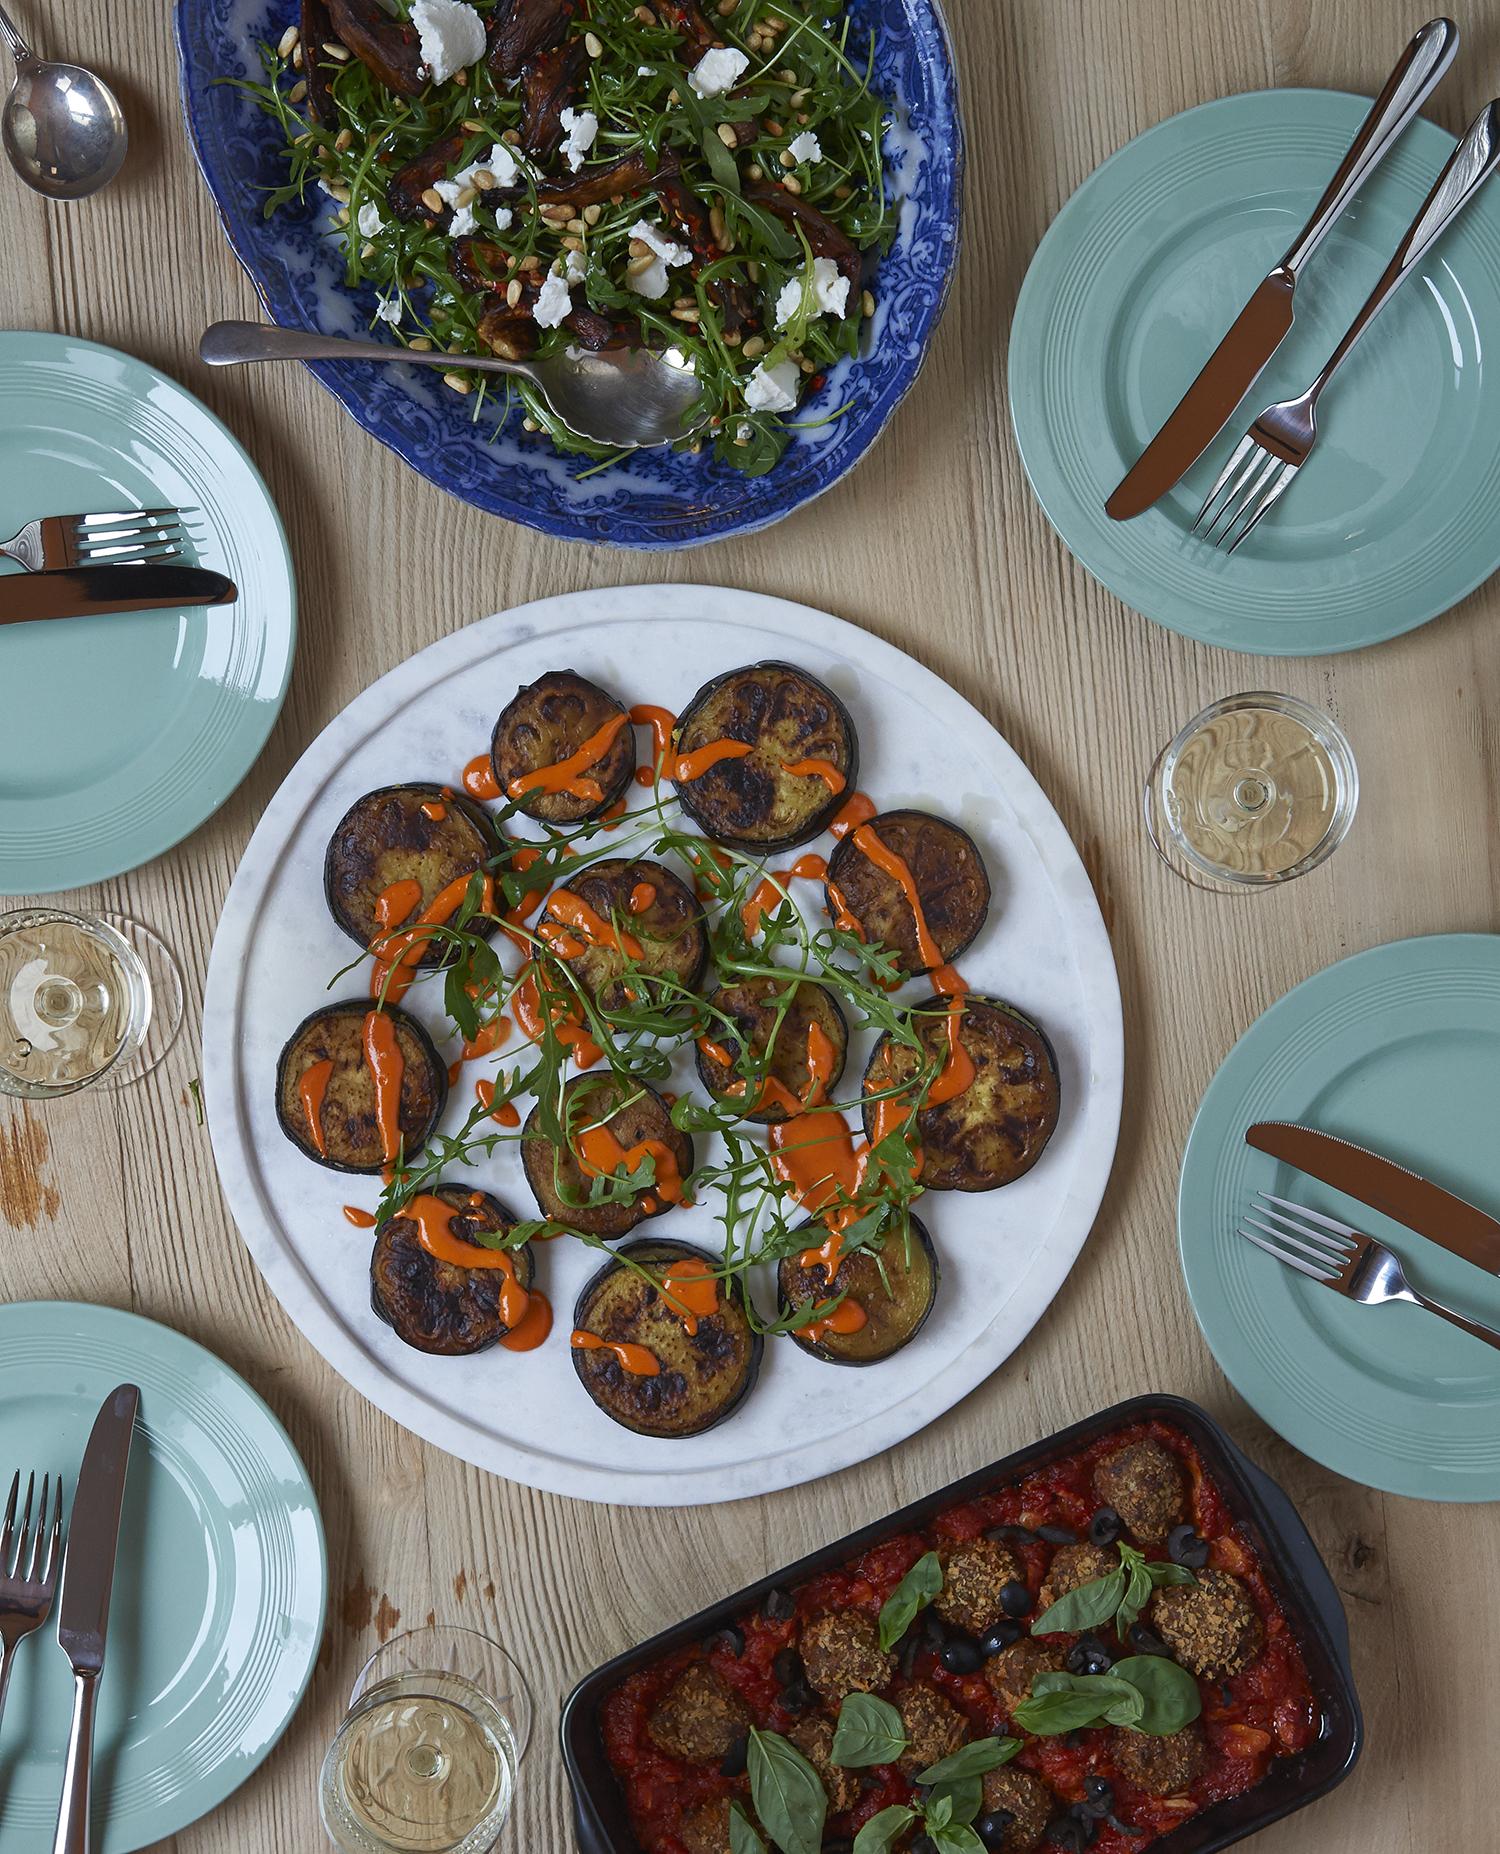 oliver_rowe_guardian_cook_feasting6_26.01.16_web.jpg